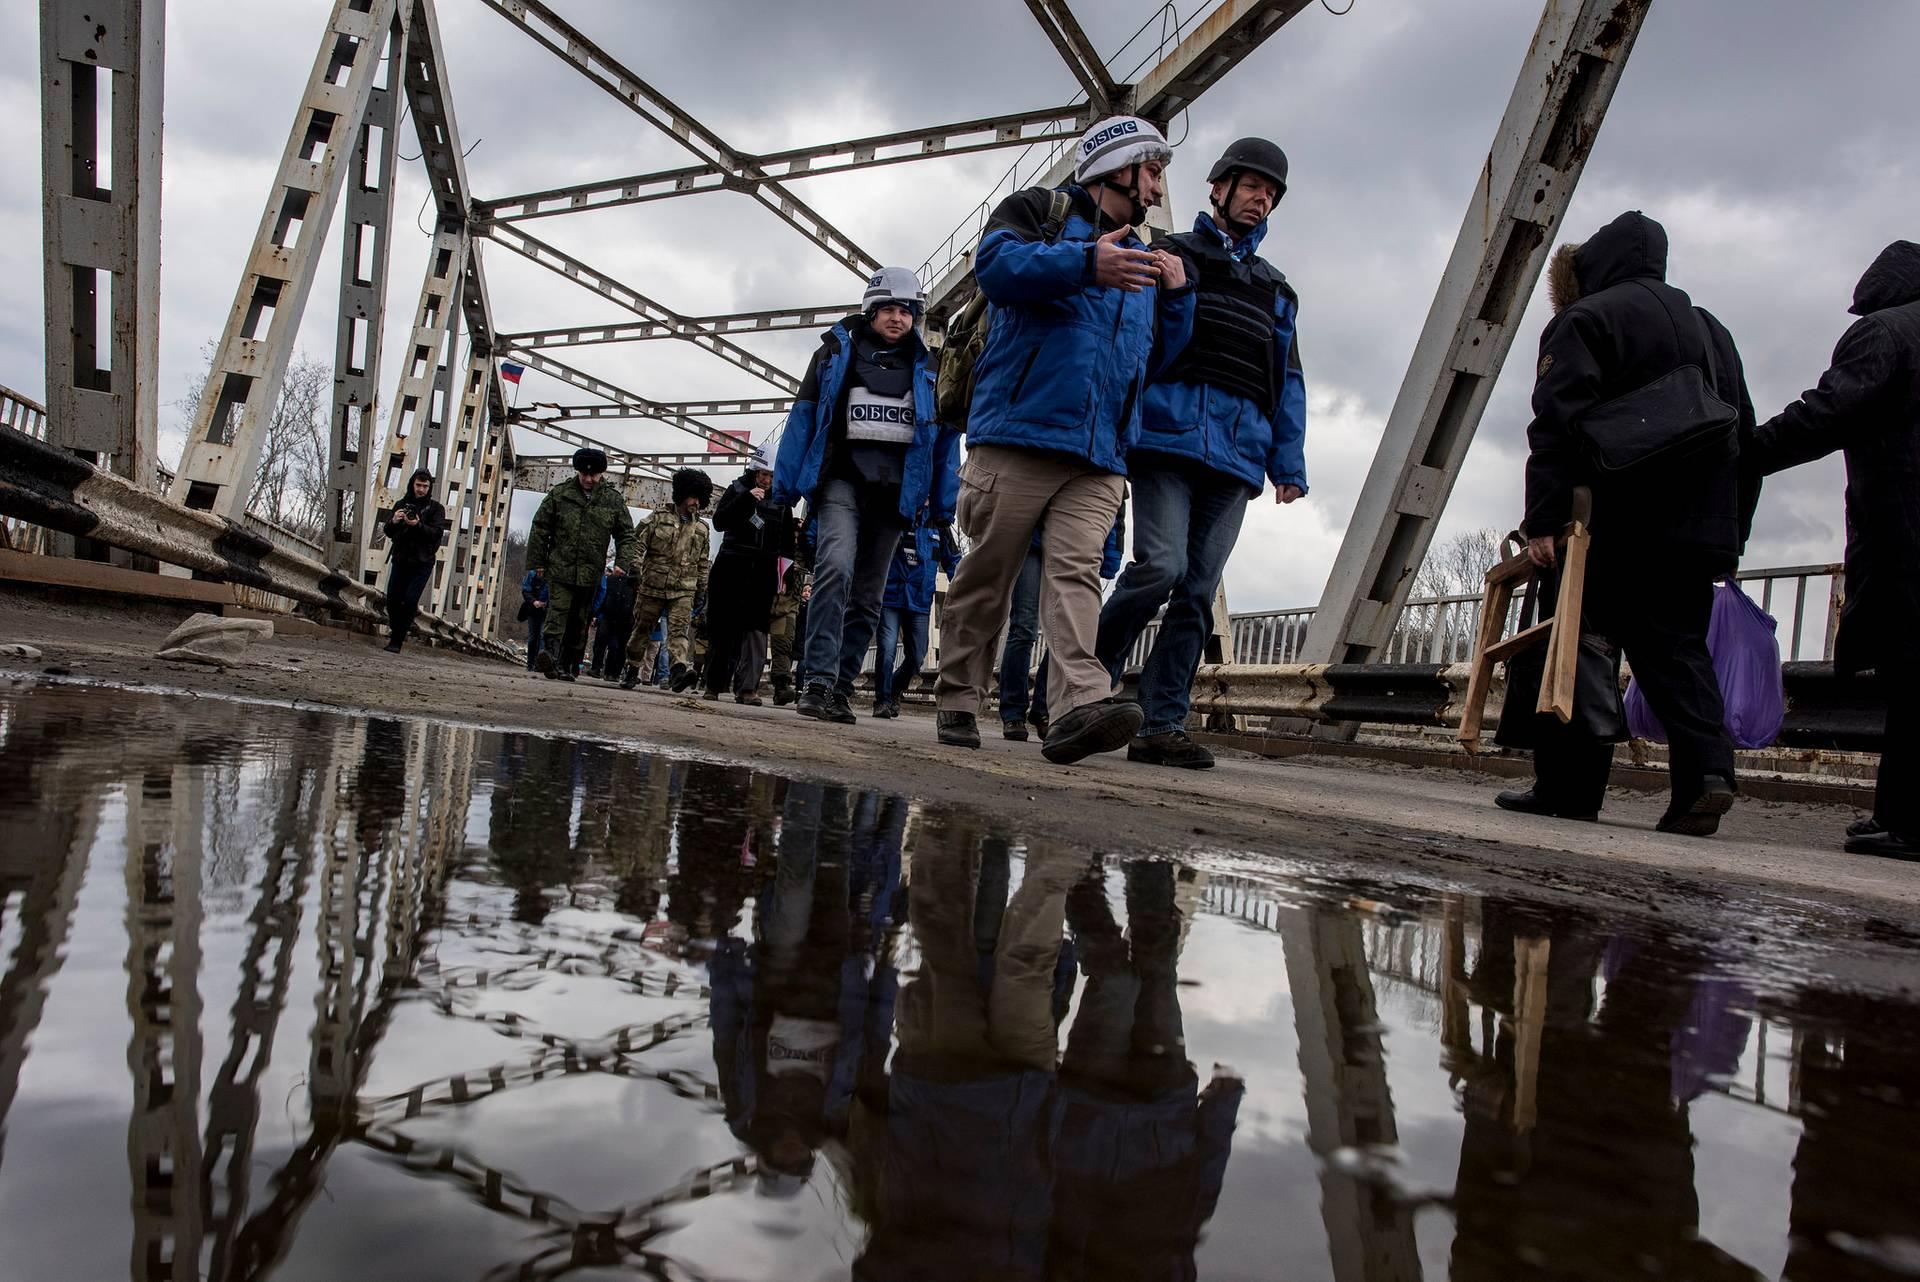 Александр Хуг (праворуч) із спостерігачами місії ОБСЄ у супроводі військових переходить зруйнований міст на КПВВ «Станиця Луганська», Луганська область, 18 березня 2016